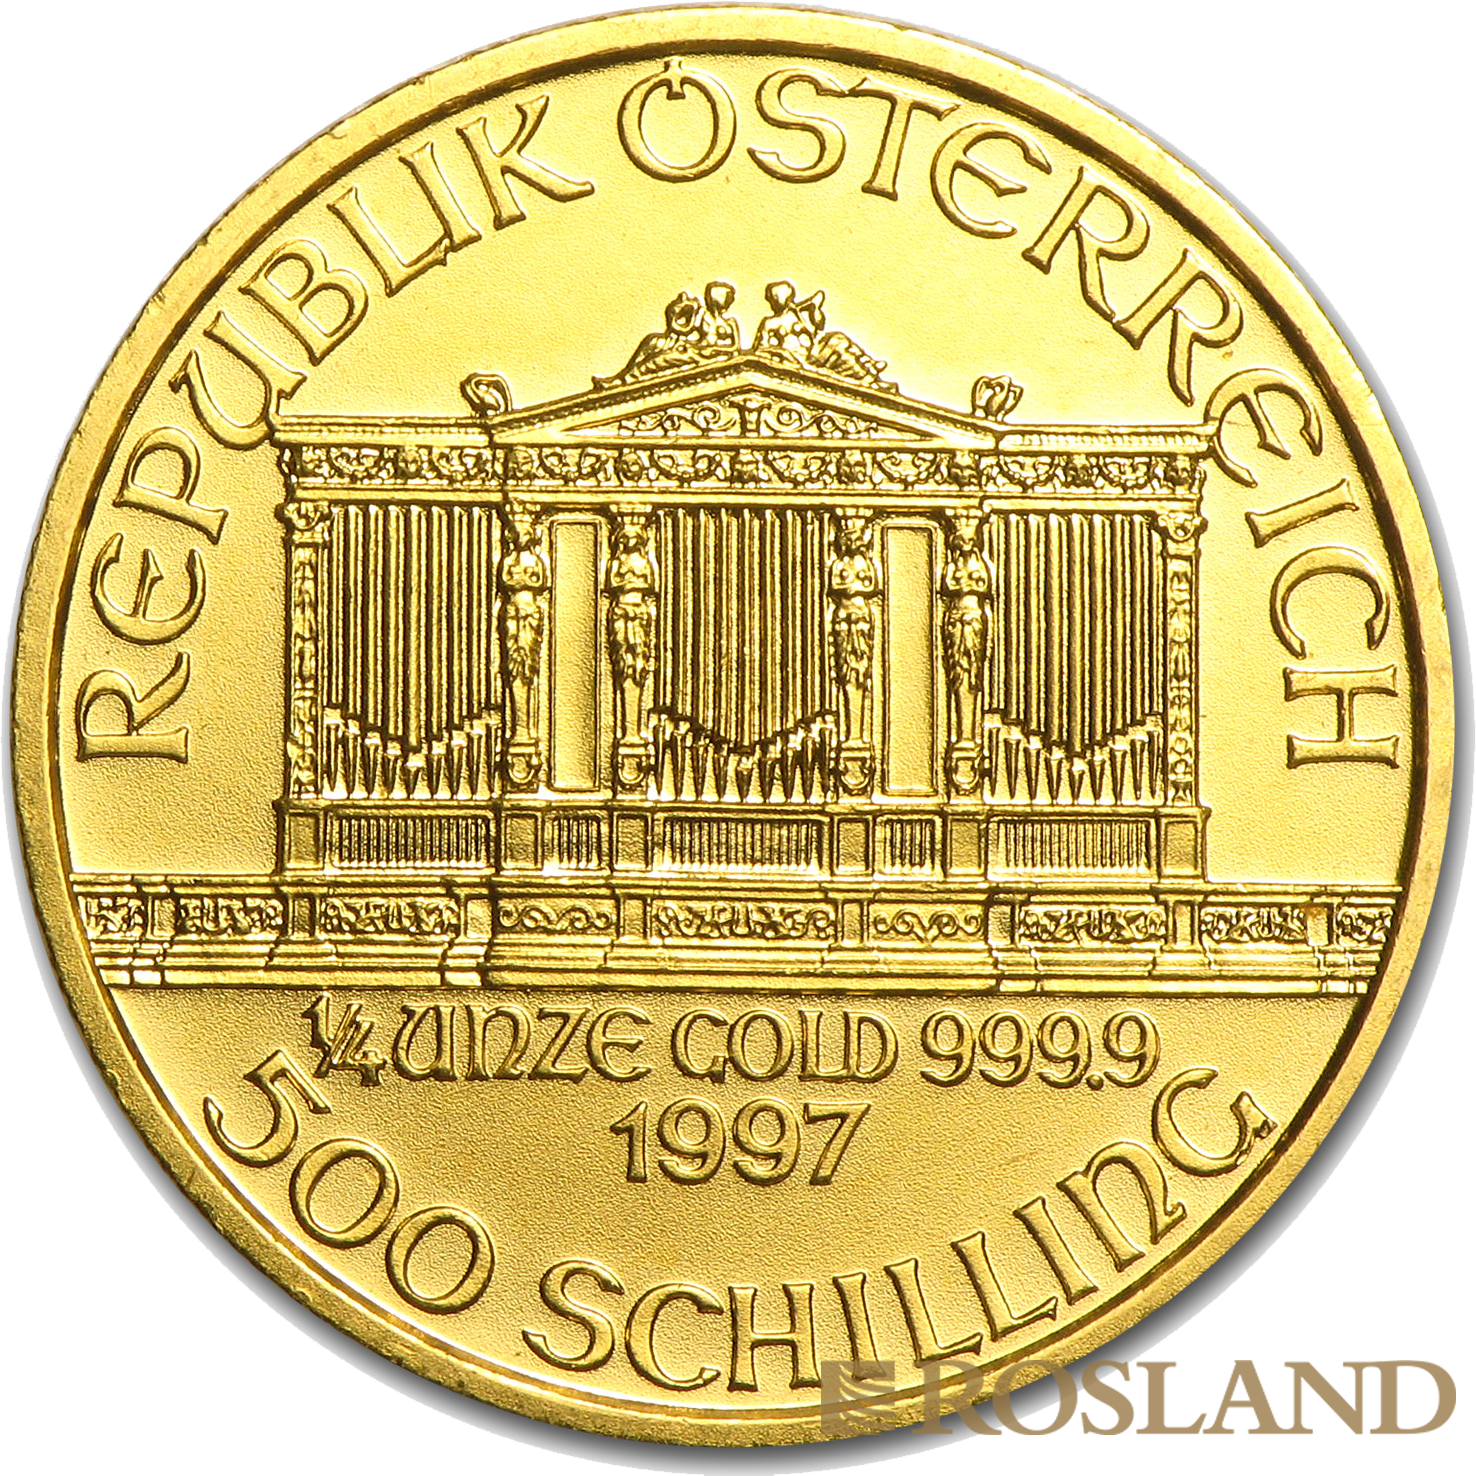 1/4 Unze Goldmünze Wiener Philharmoniker 1997